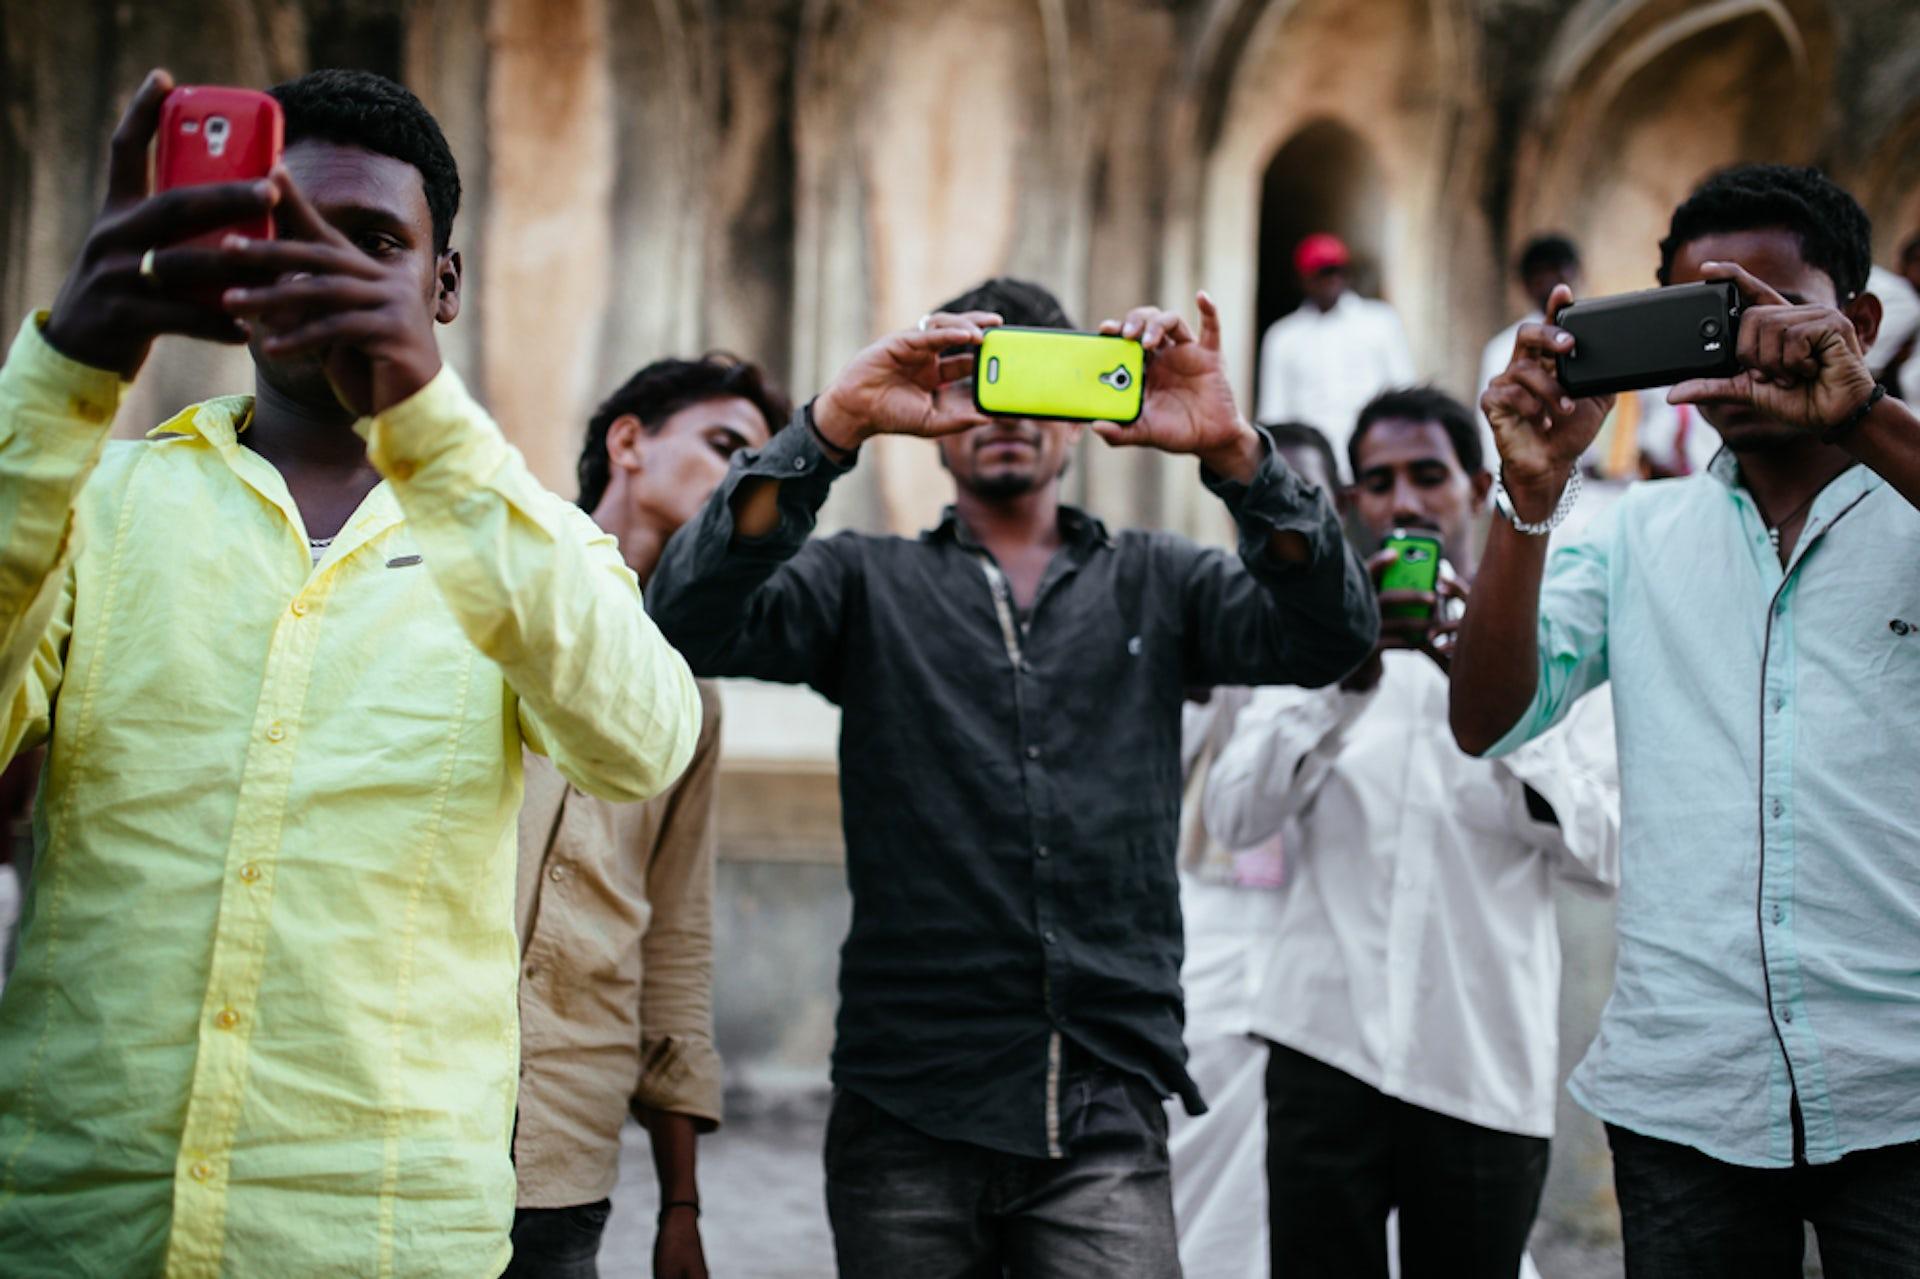 Colonialismo digital: por qué hay países que reclaman el control sobre los datos de sus ciudadanos